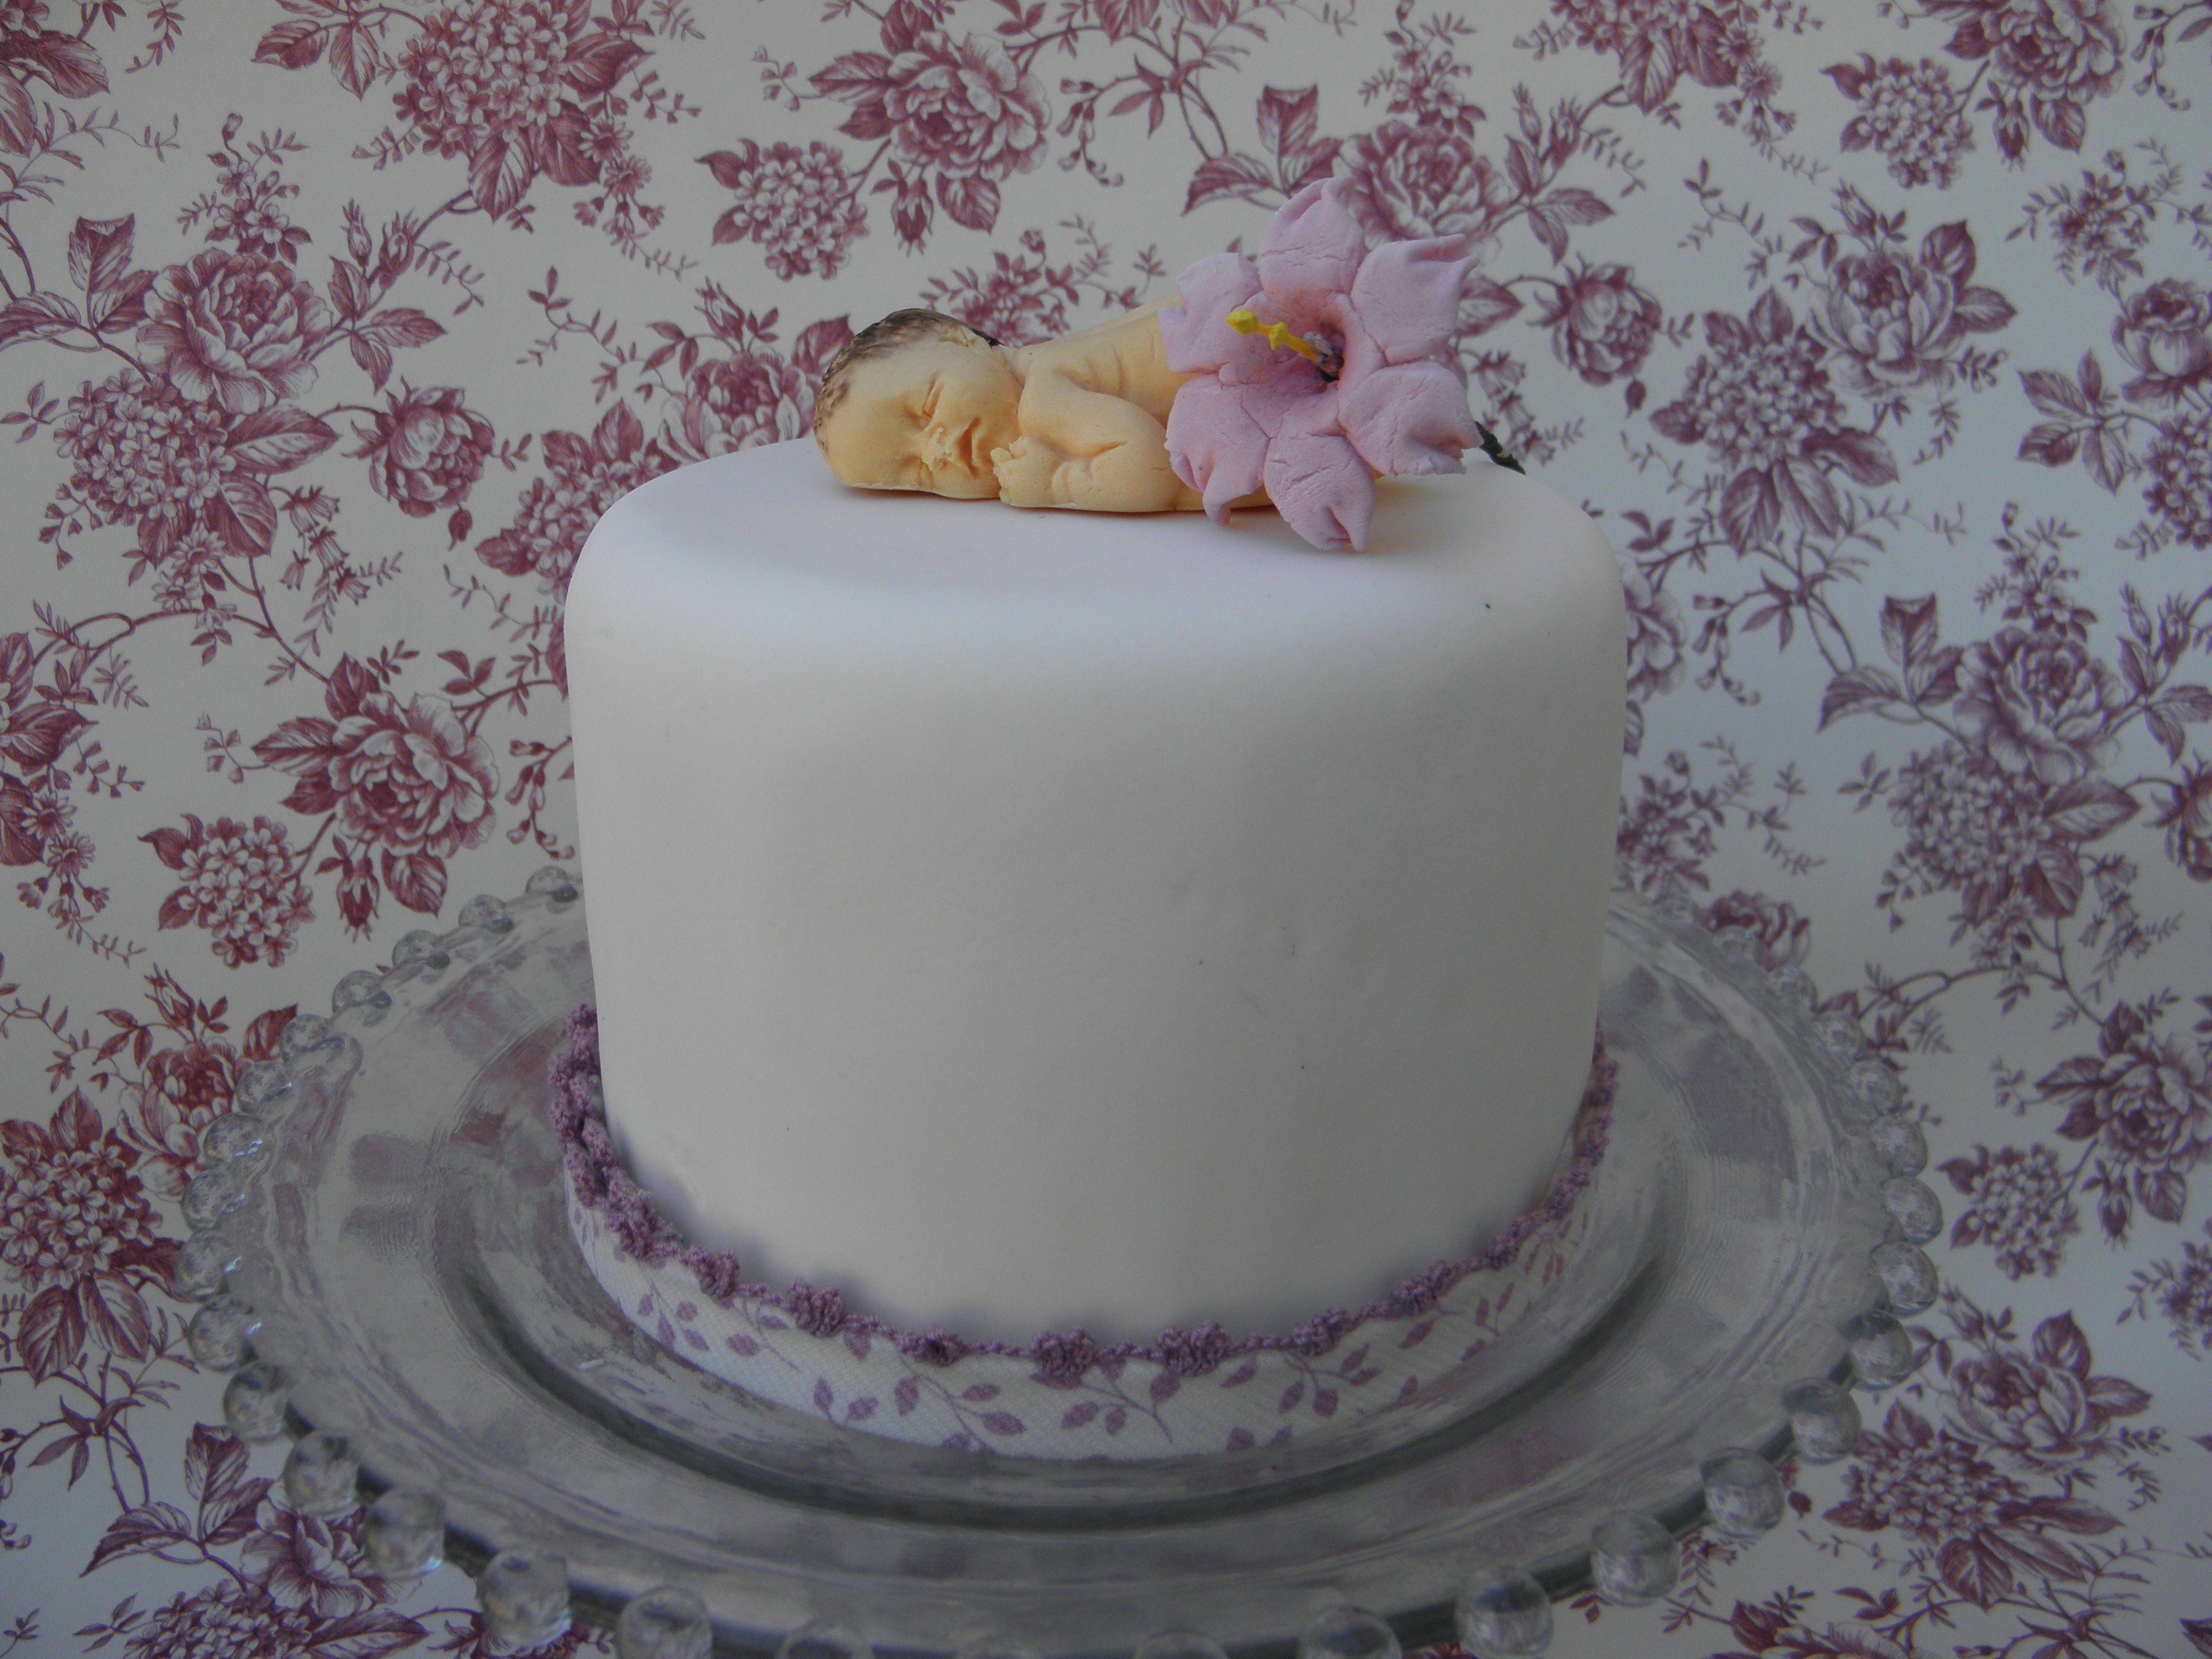 tarta decorada con un bebe de pastillaje, feliz bautizo